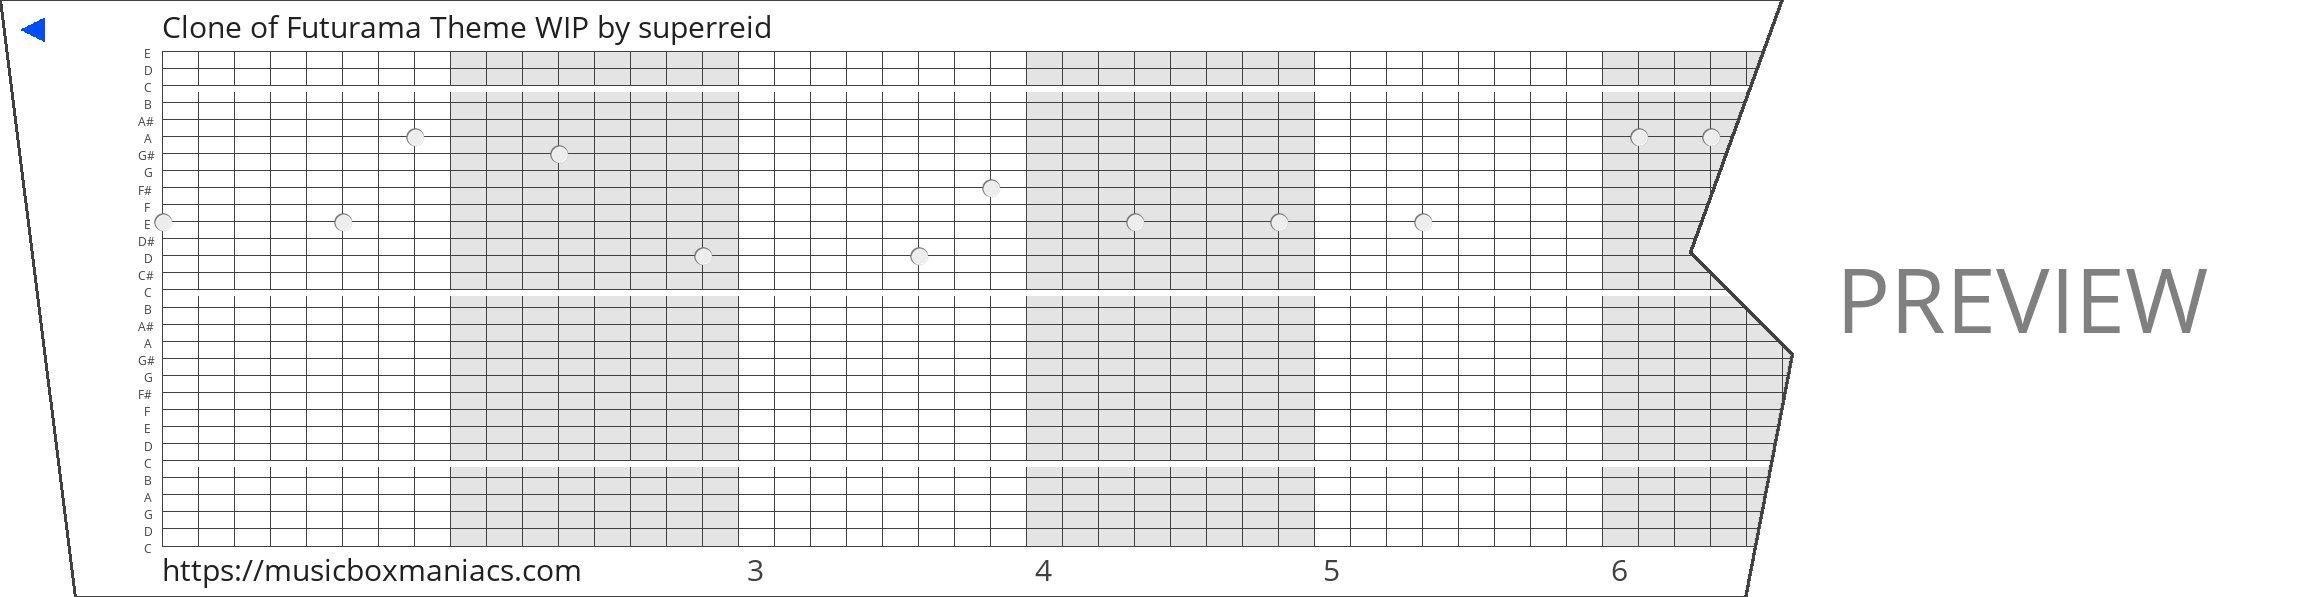 Clone of Futurama Theme WIP 30 note music box paper strip